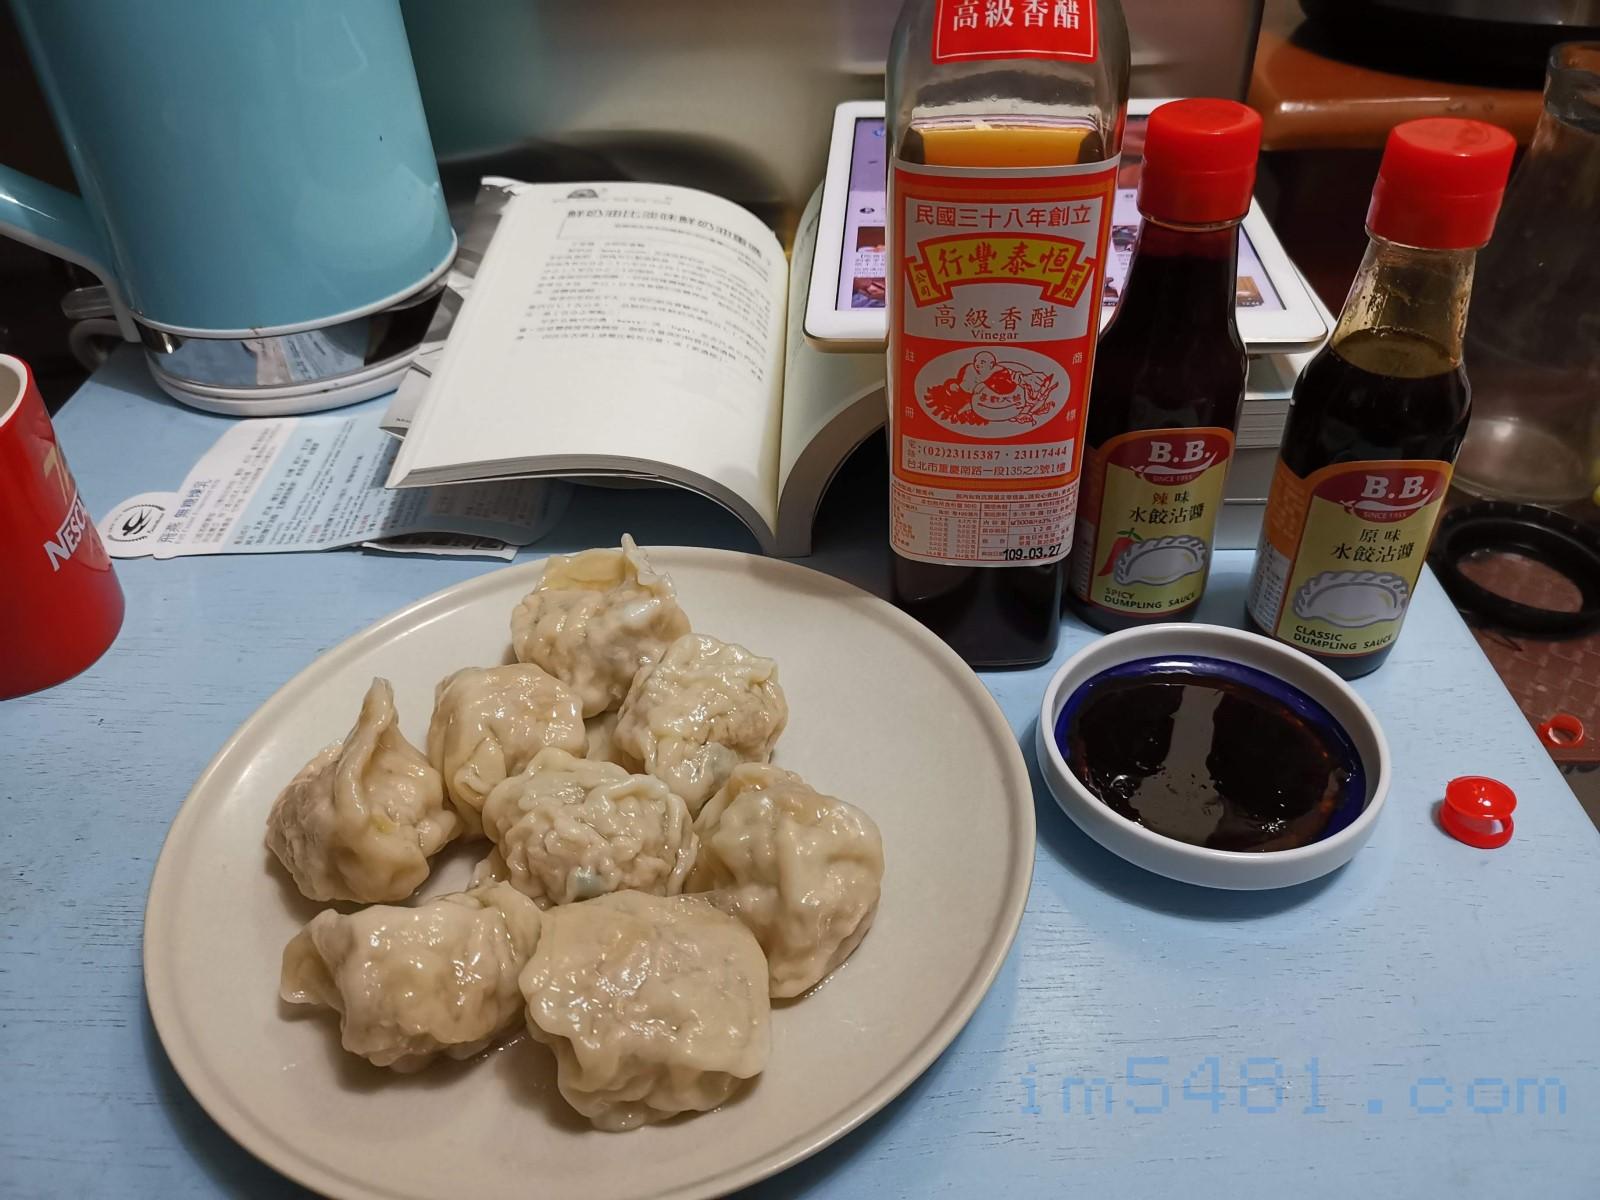 恆泰豐行的香醋搭配BB水餃沾醬真的是絕配!